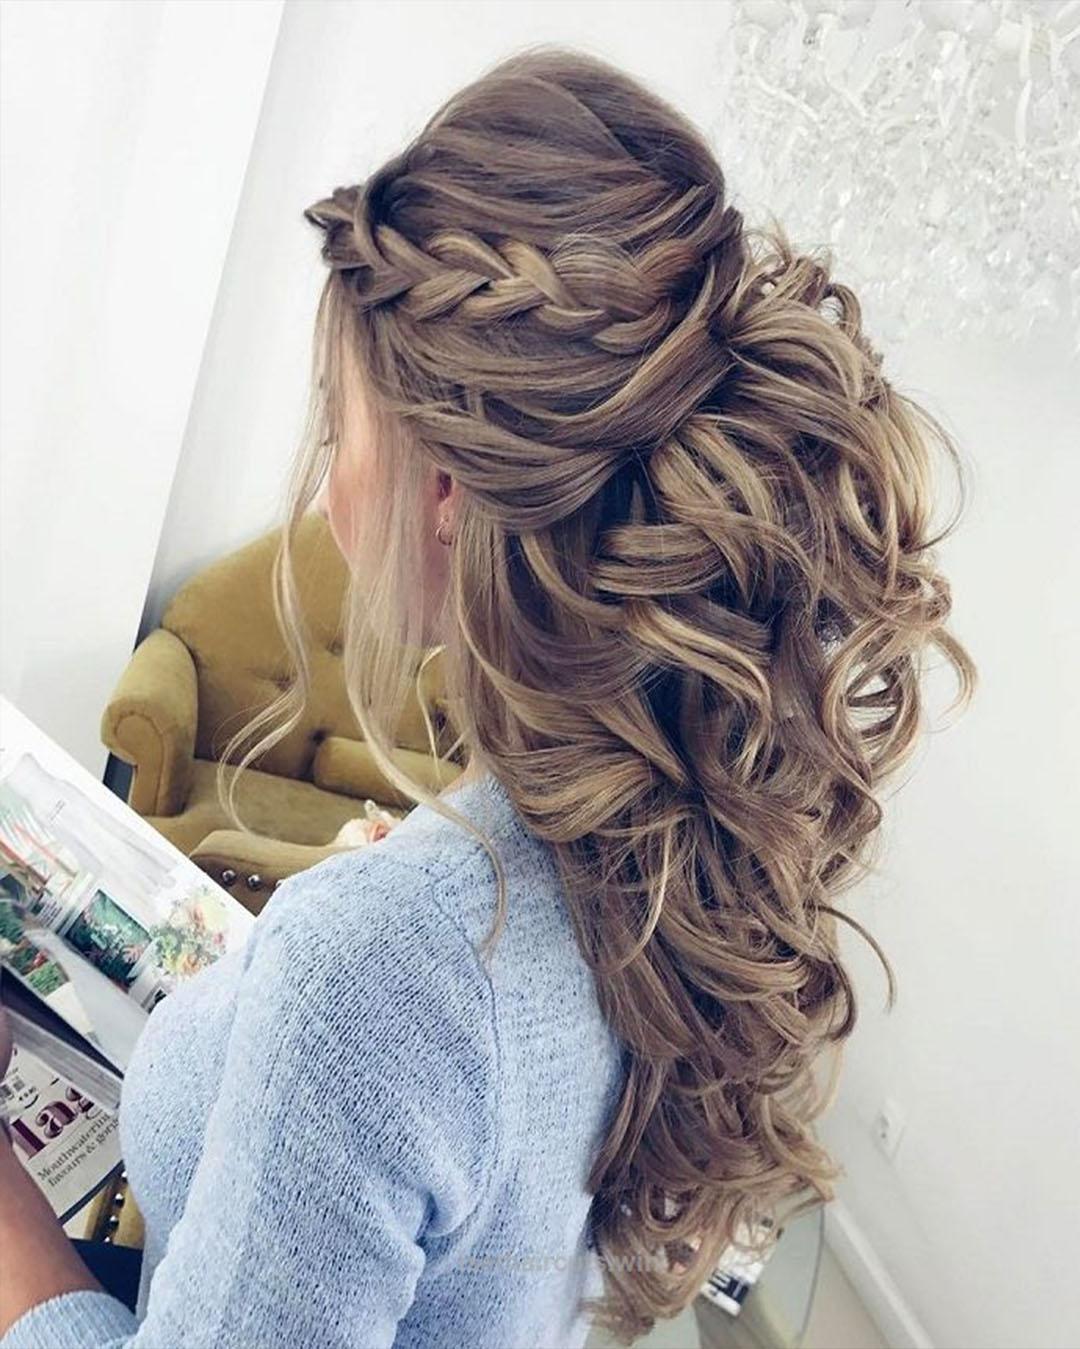 Сharming peinados para fiestas Fotos de consejos de color de pelo - Peinados para fiesta de GALA mujeres - ElSexoso